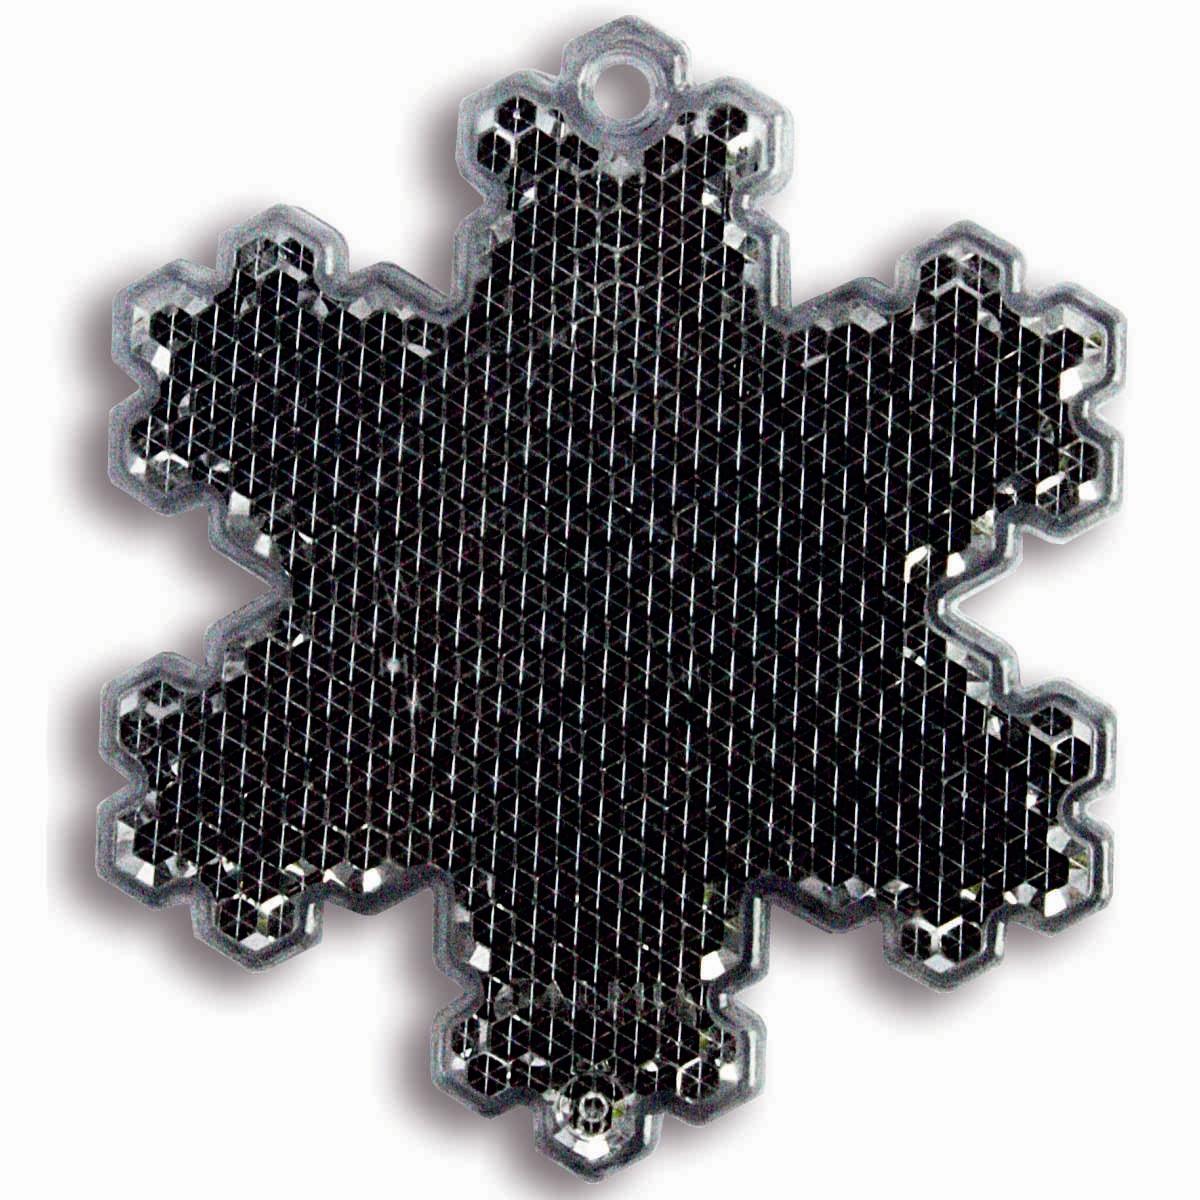 Световозвращатель пешеходный Coreflect Снежинка, цвет: черный118714Пешеходный светоотражатель — это серьезное средство безопасности на дороге. Использование светоотражателей позволяет в десятки раз сократить количество ДТП с участием пешеходов в темное время суток. Светоотражатель крепится на одежду и обладает способностью к направленному отражению светового потока. Благодаря такому отражению, водитель может вовремя заметить пешехода в темноте, даже если он стоит или двигается по обочине. А значит, он успеет среагировать и избежит возможного столкновения.